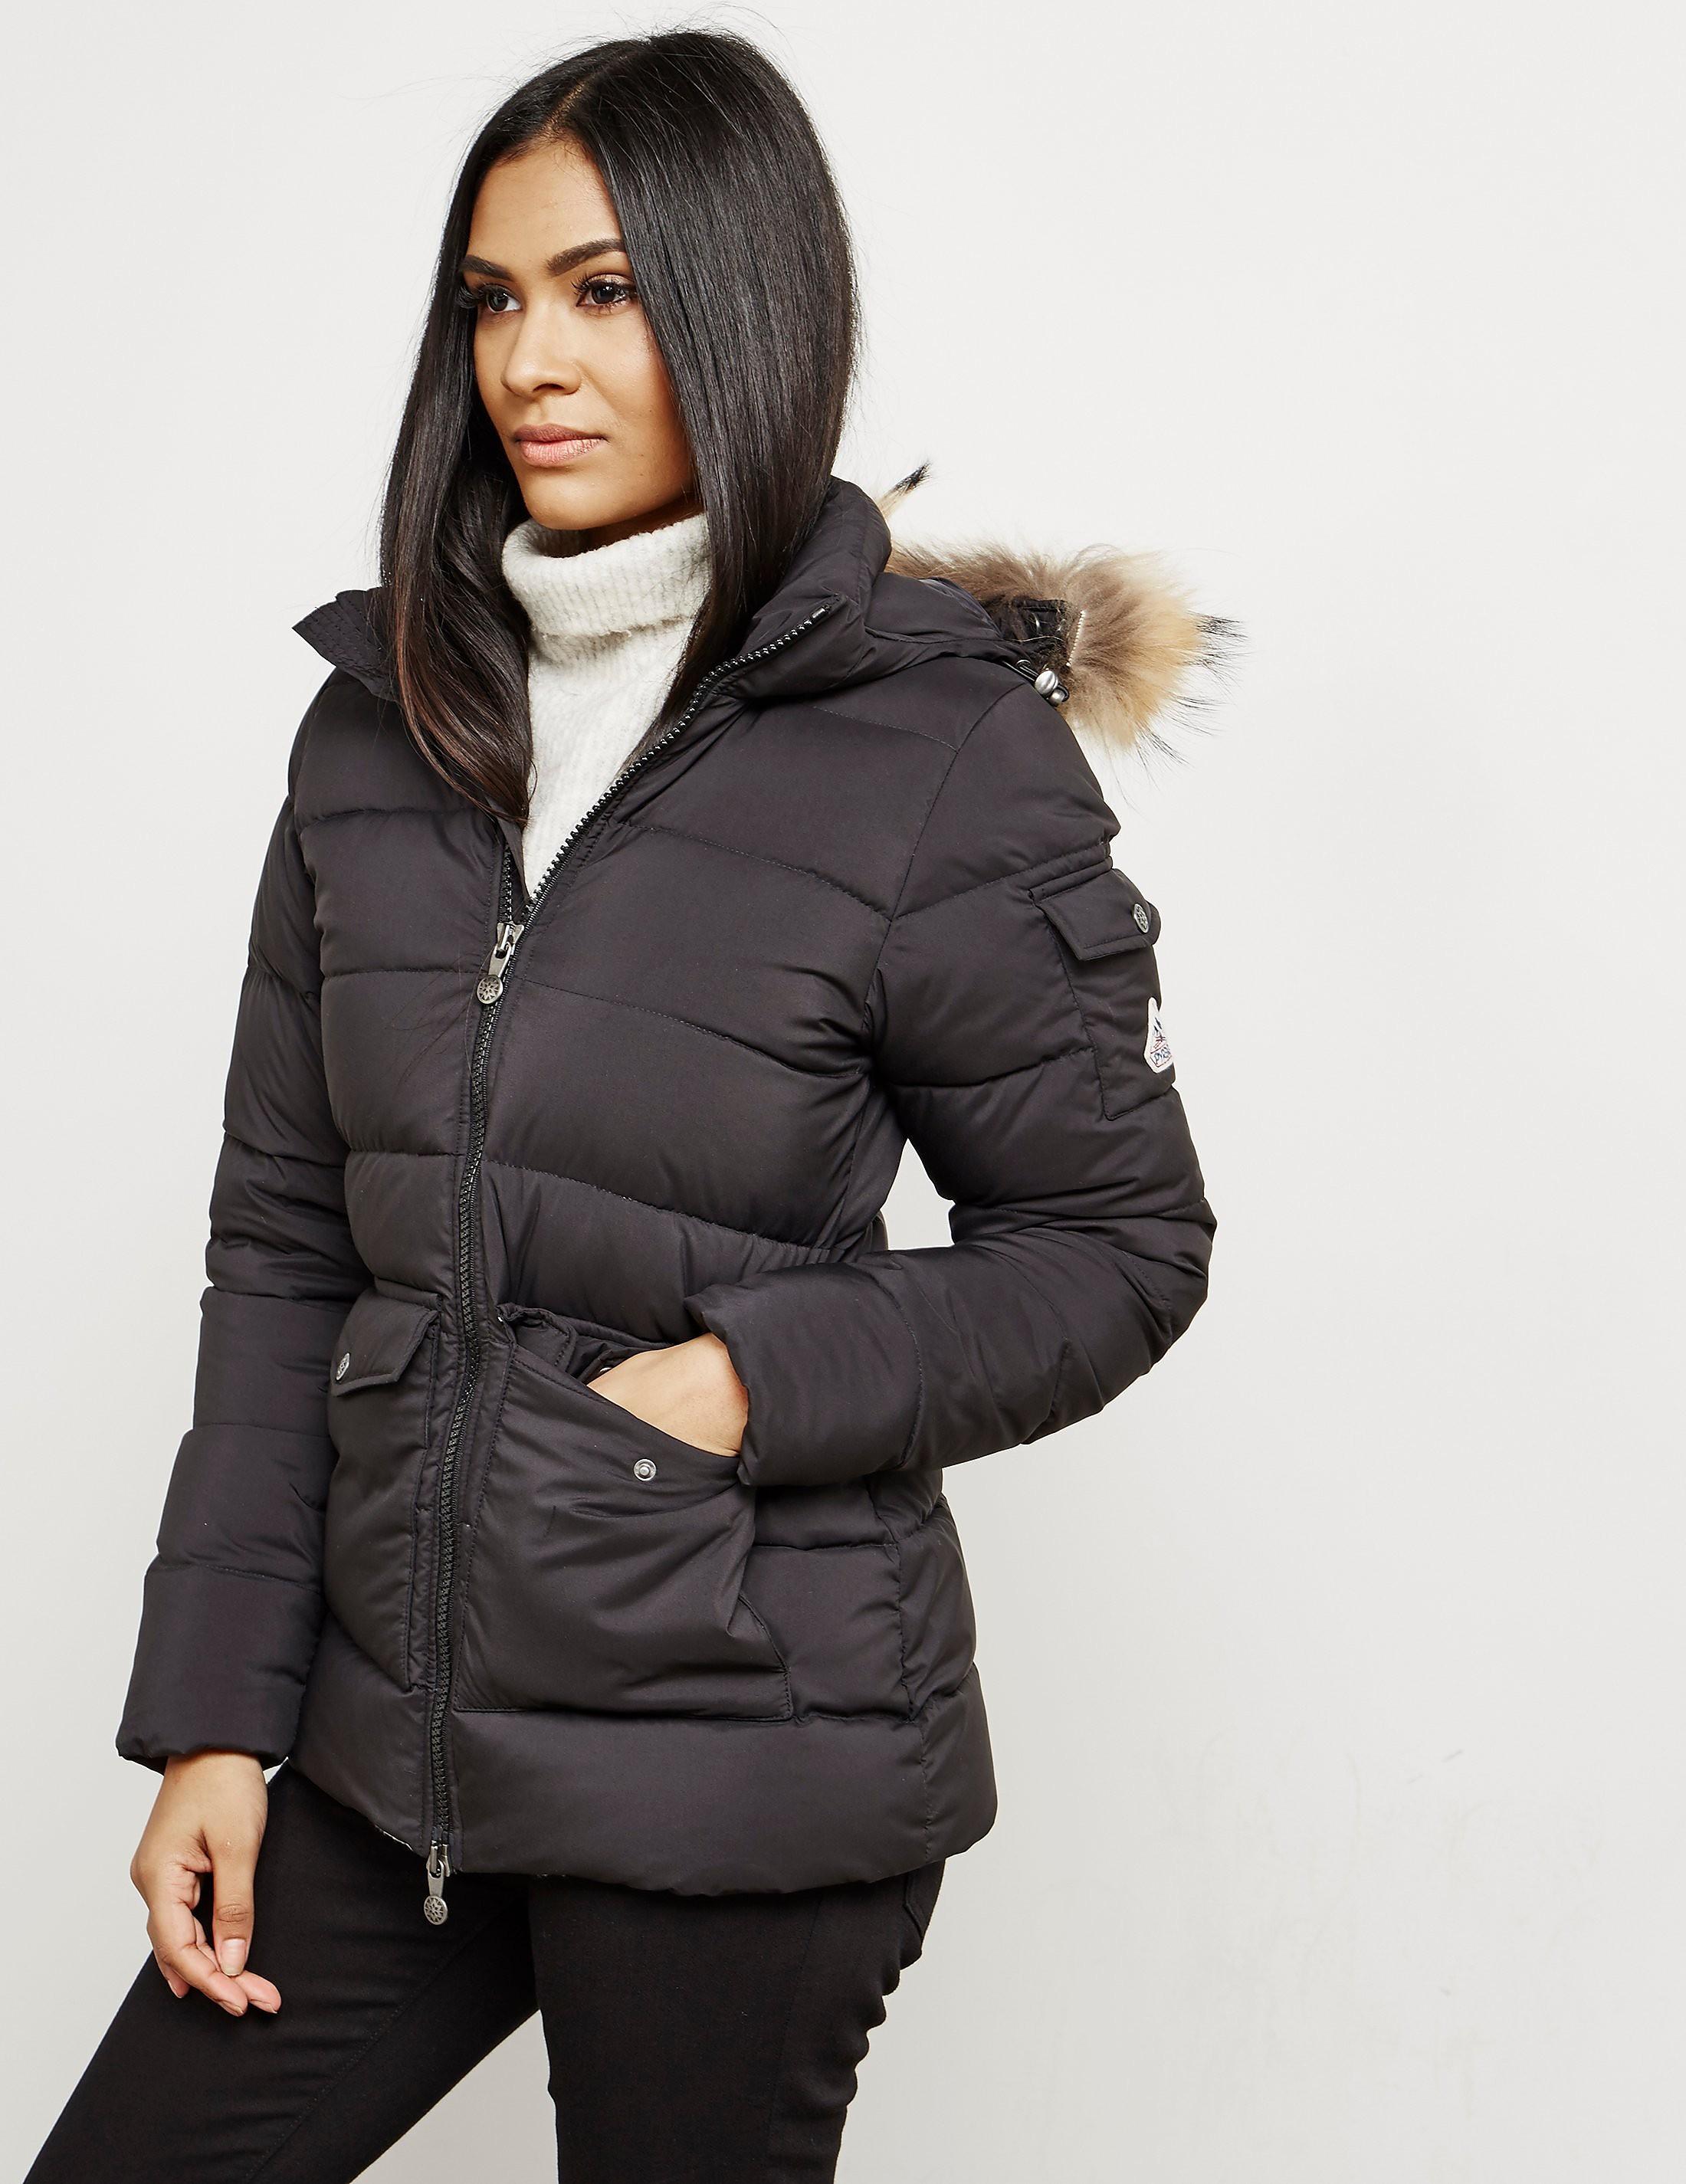 Pyrenex Authentic Smooth Padded Jacket